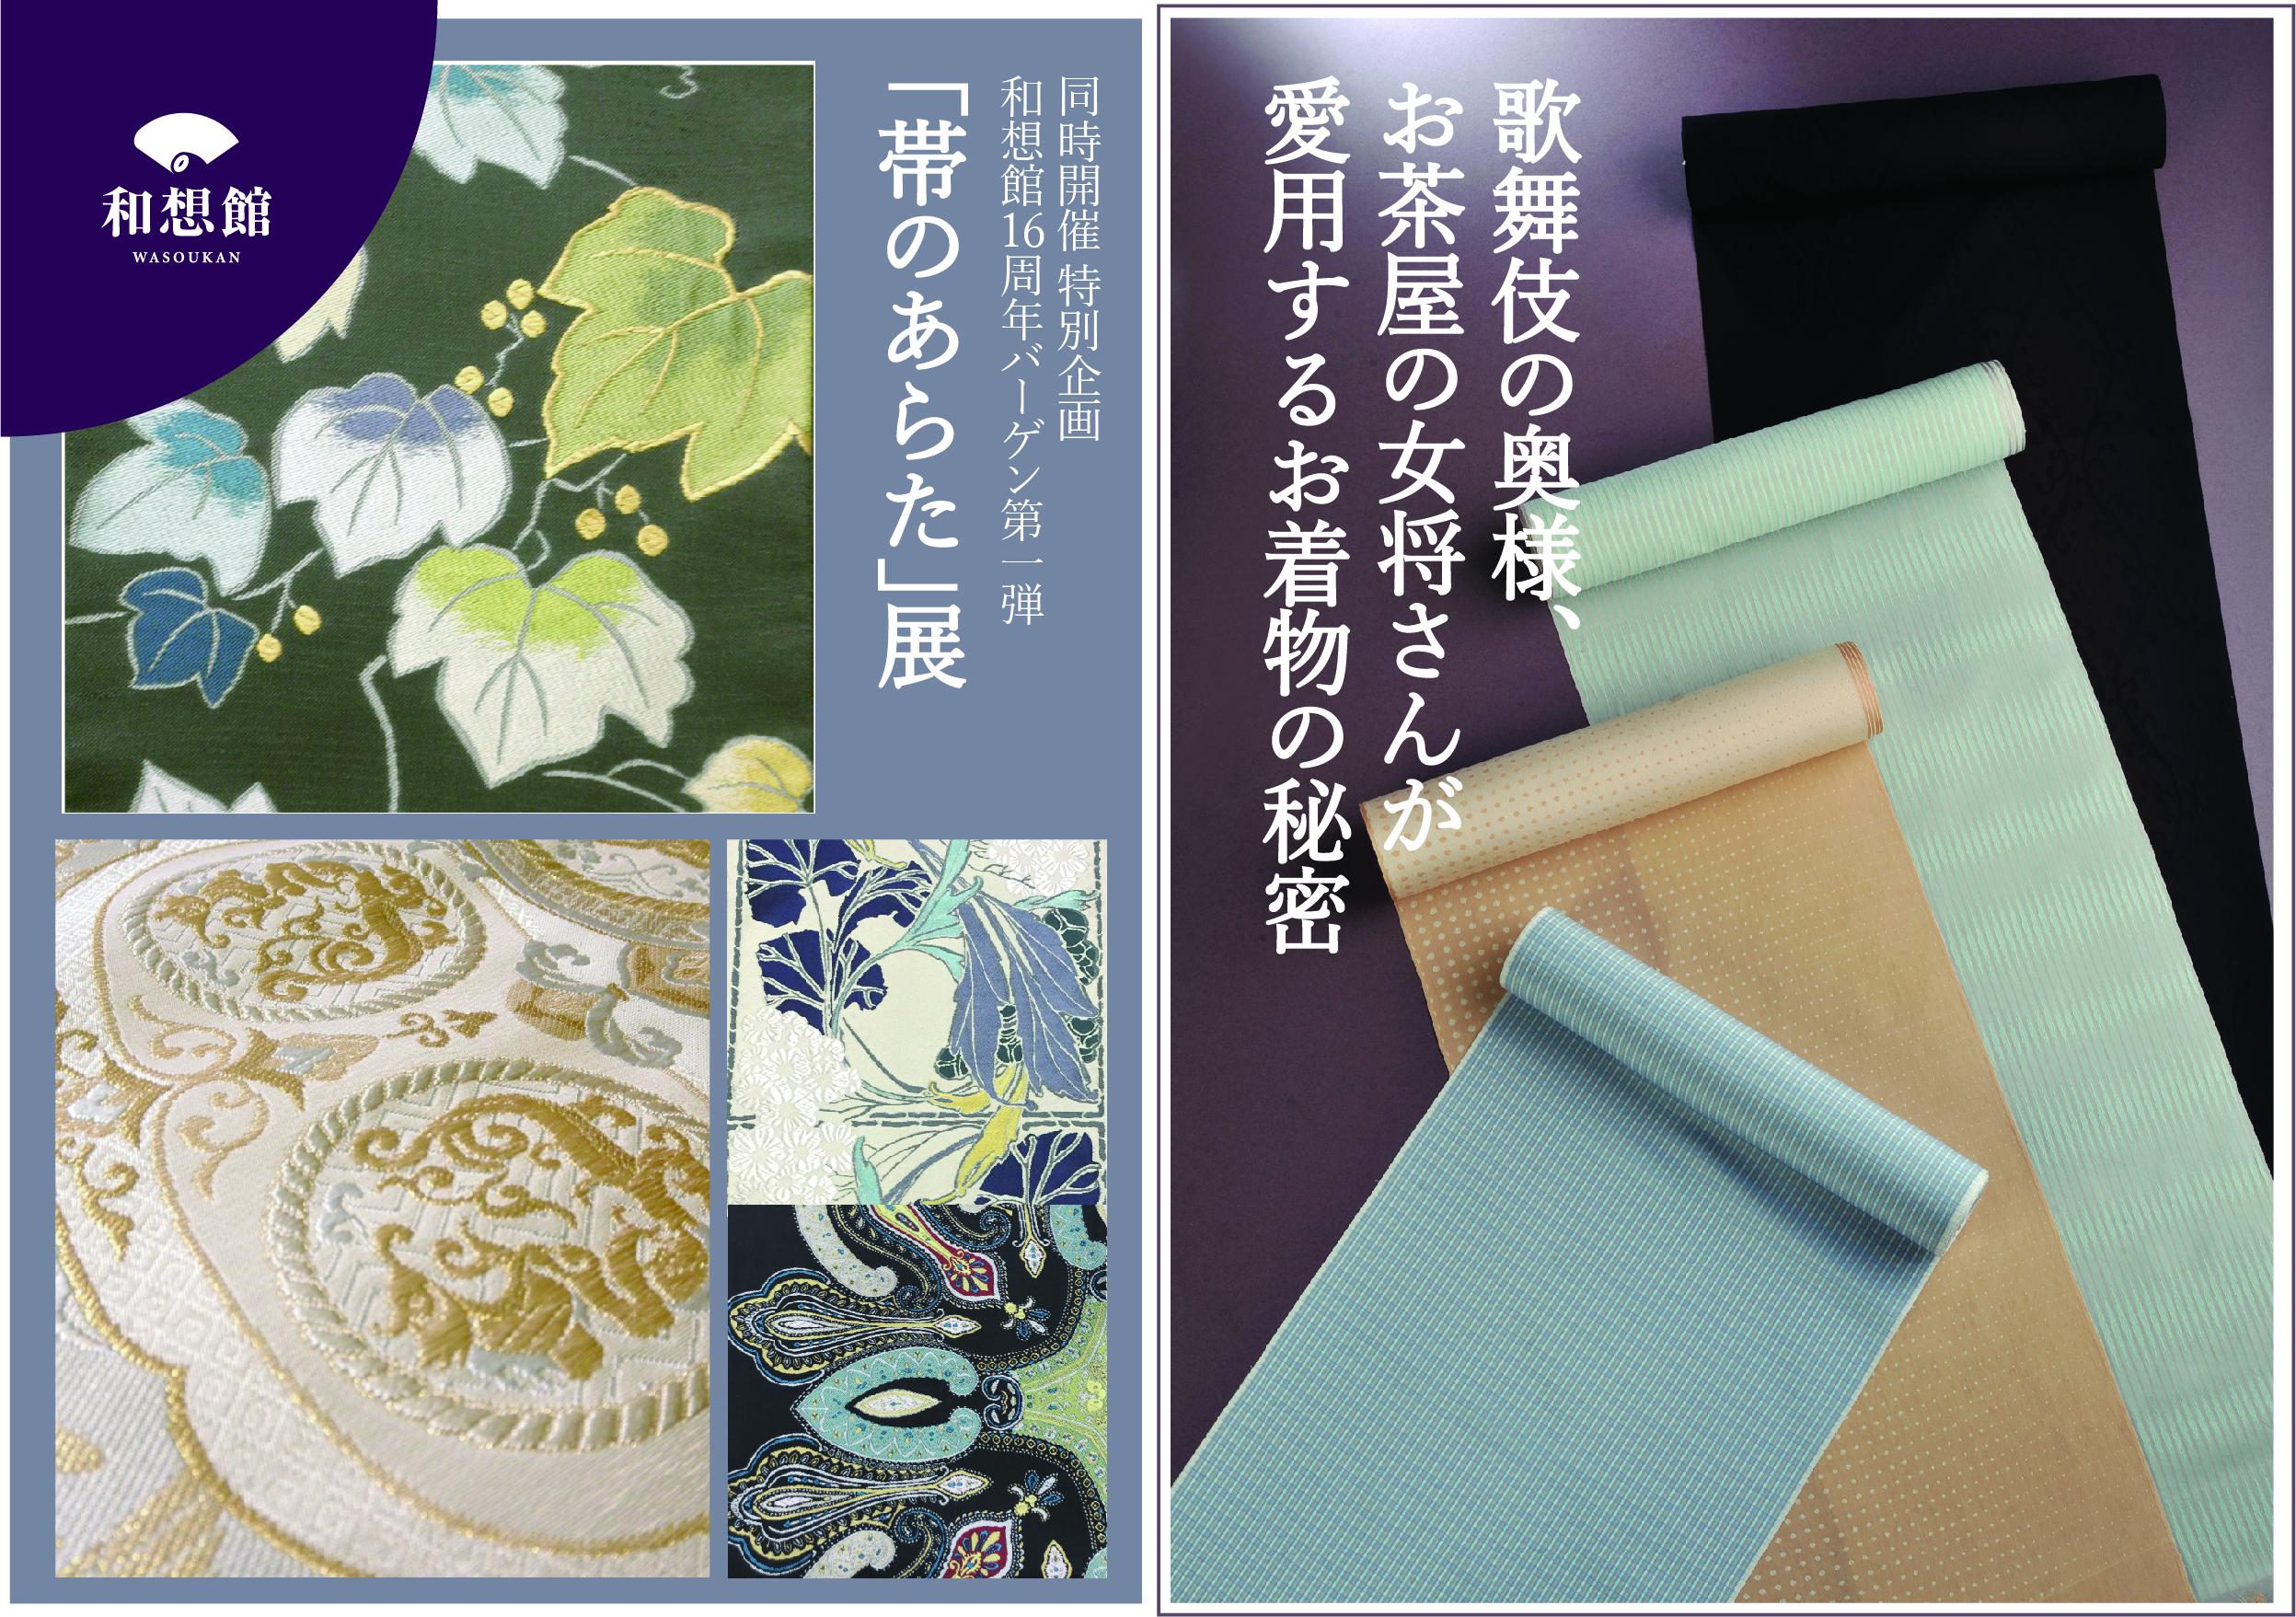 【出雲店】6月展示 歌舞伎の奥様、お茶屋の女将さんが愛用するお着物の秘密・「帯のあらた」展